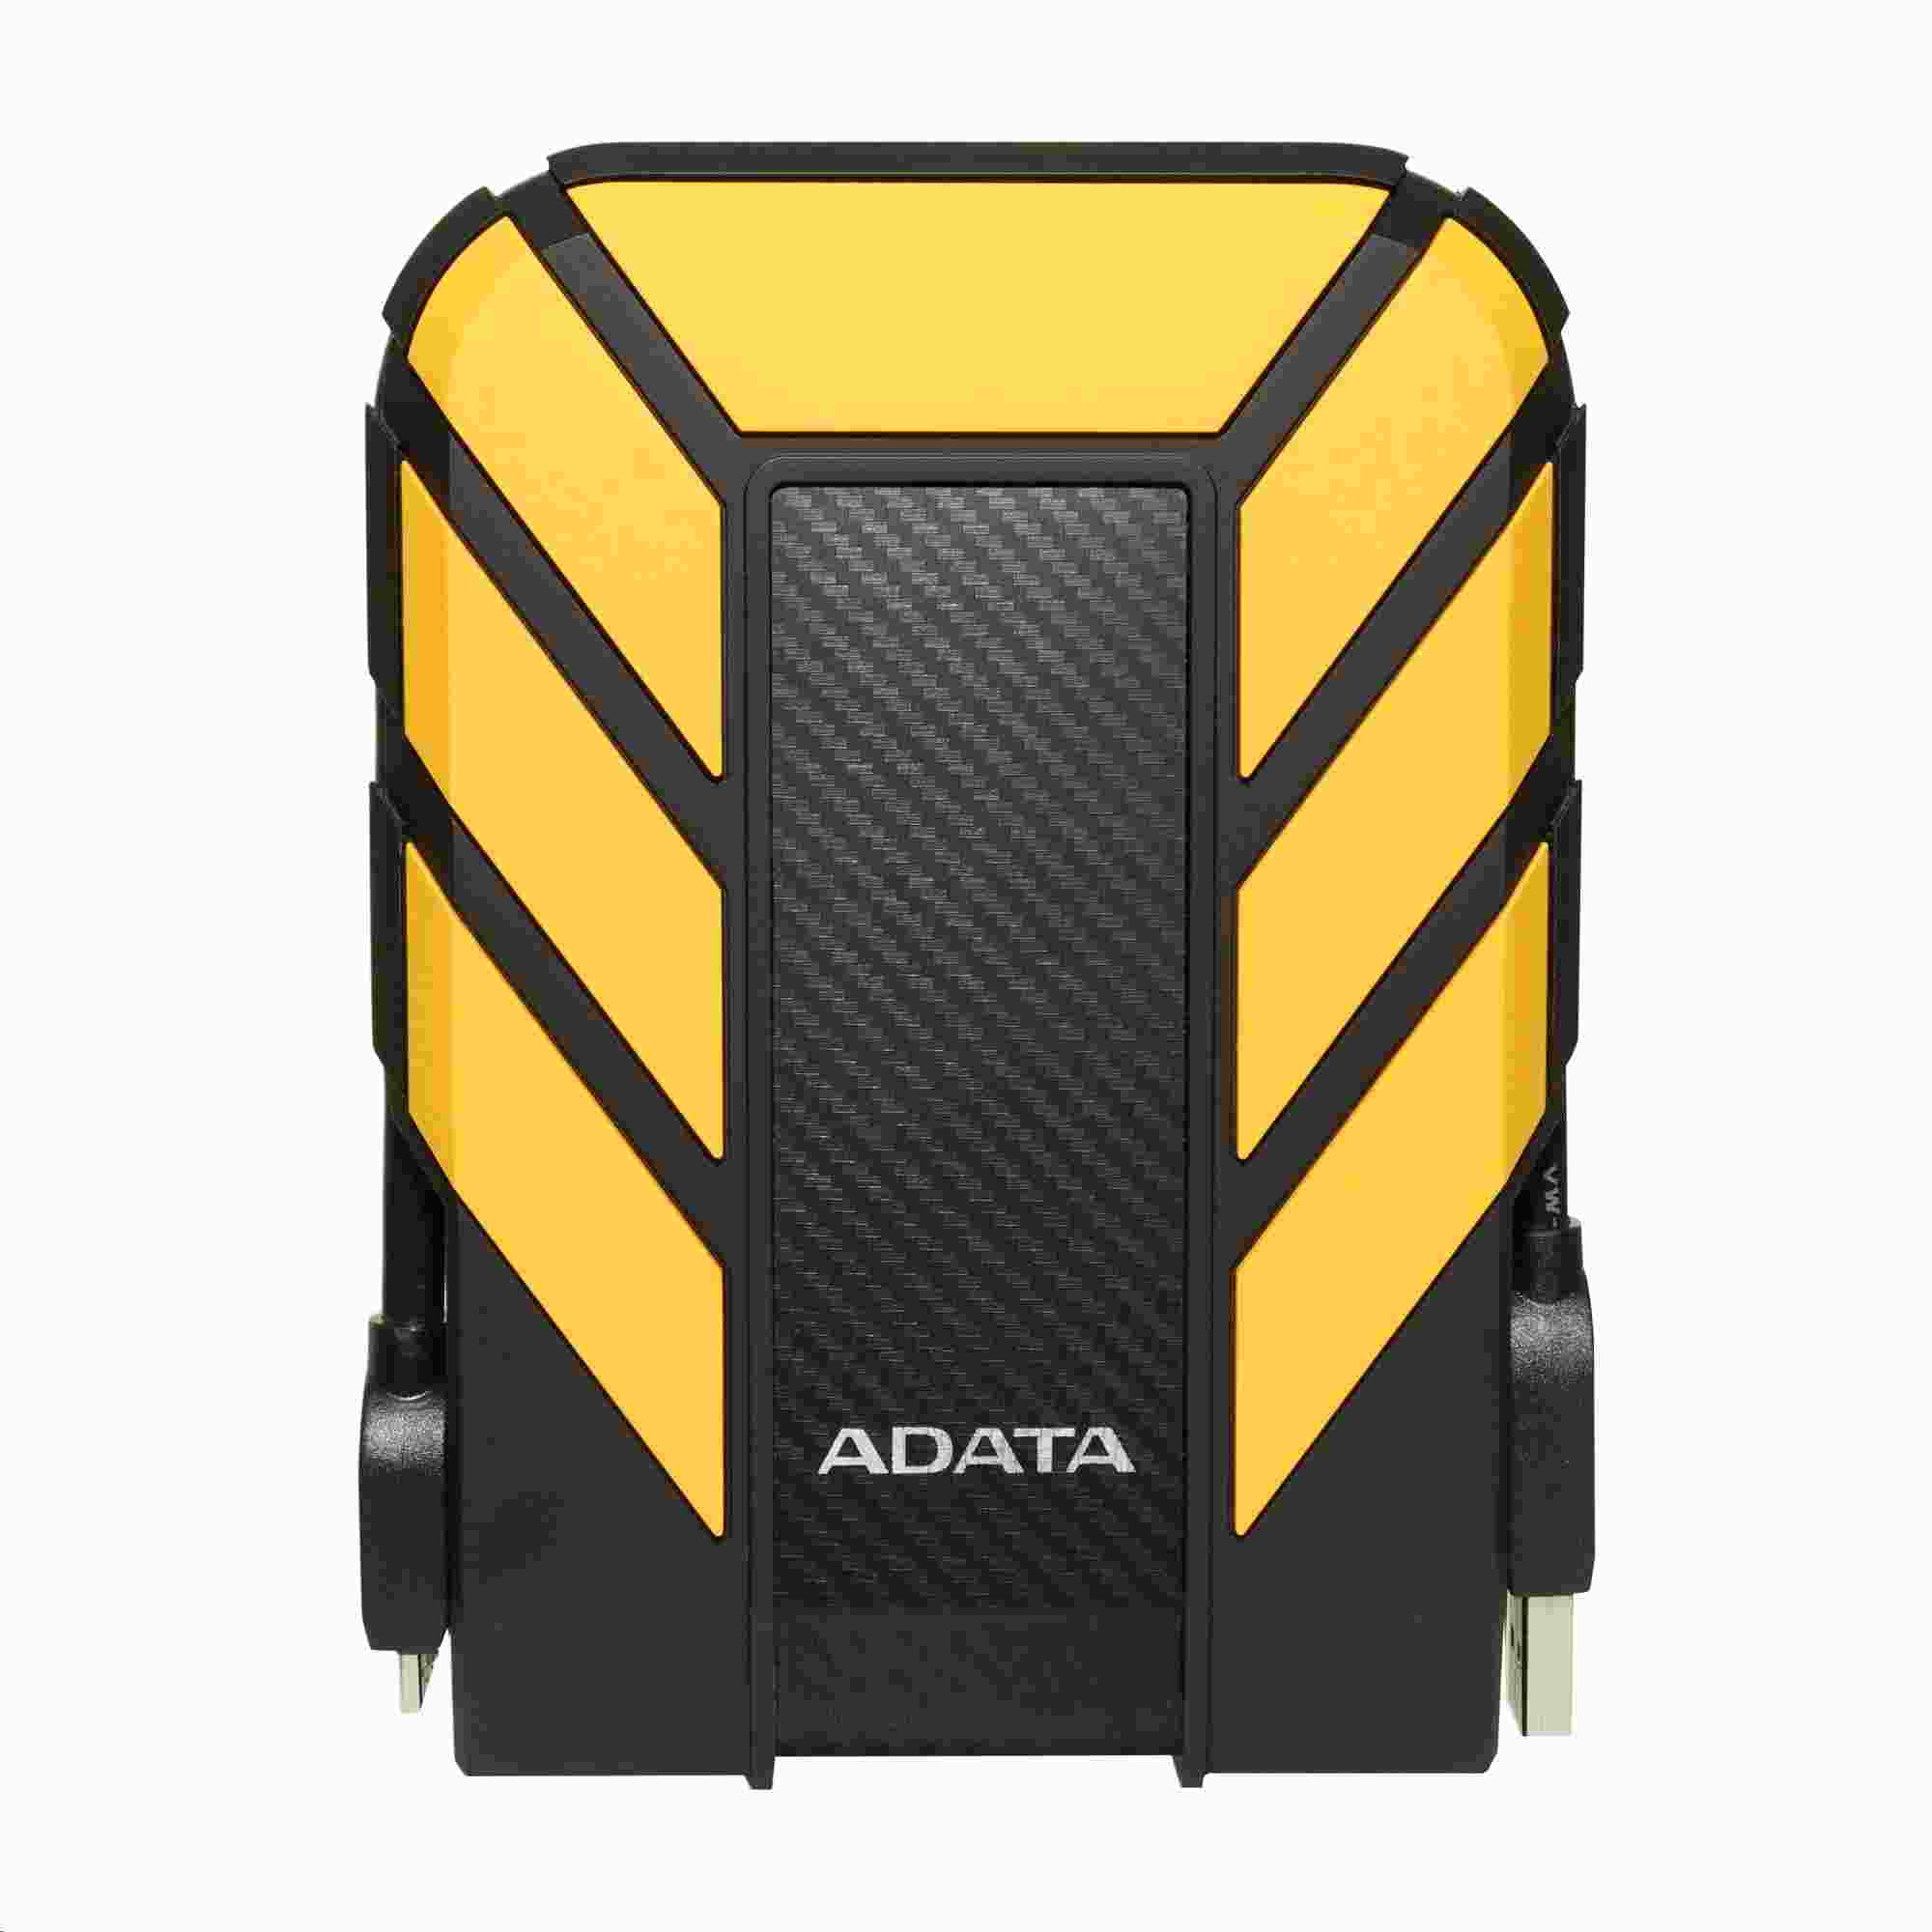 """ADATA Externí HDD 1TB 2,5"""" USB 3.1 HD710 Pro, žlutá (AHD710P-1TU31-CYL)"""